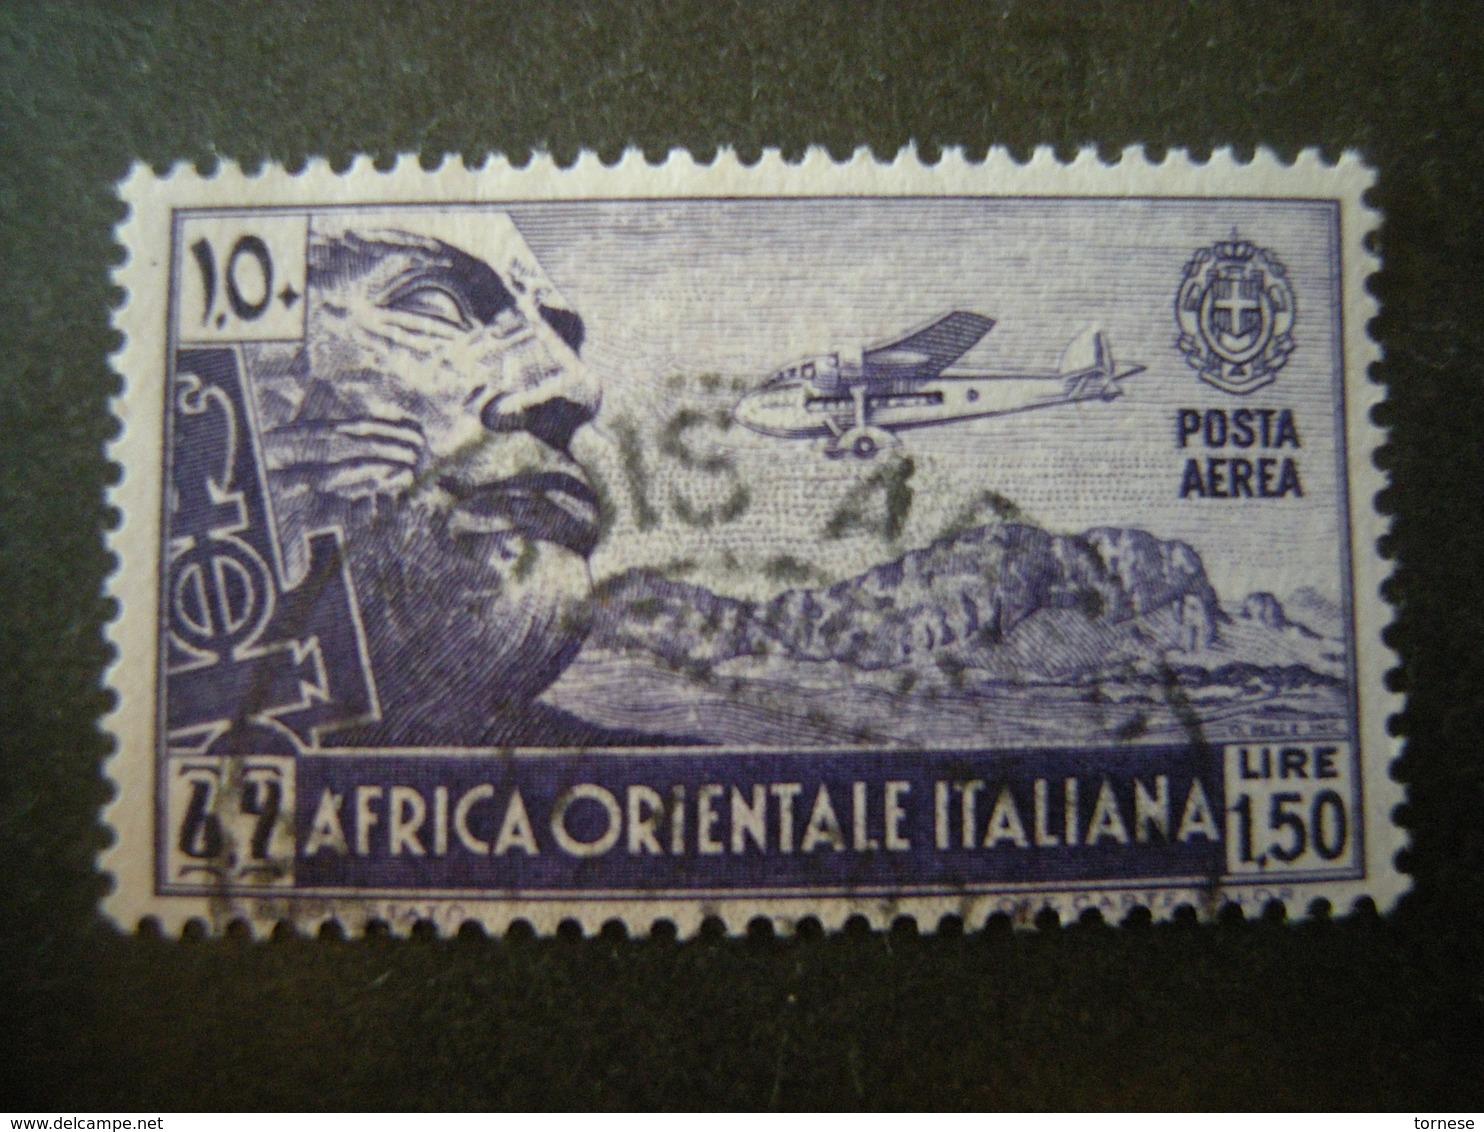 AFRICA ORIENT. ITALIANA - 1938, Posta Aerea, Sass N. A6, Lire 1,50, Usato - Italienisch Ost-Afrika